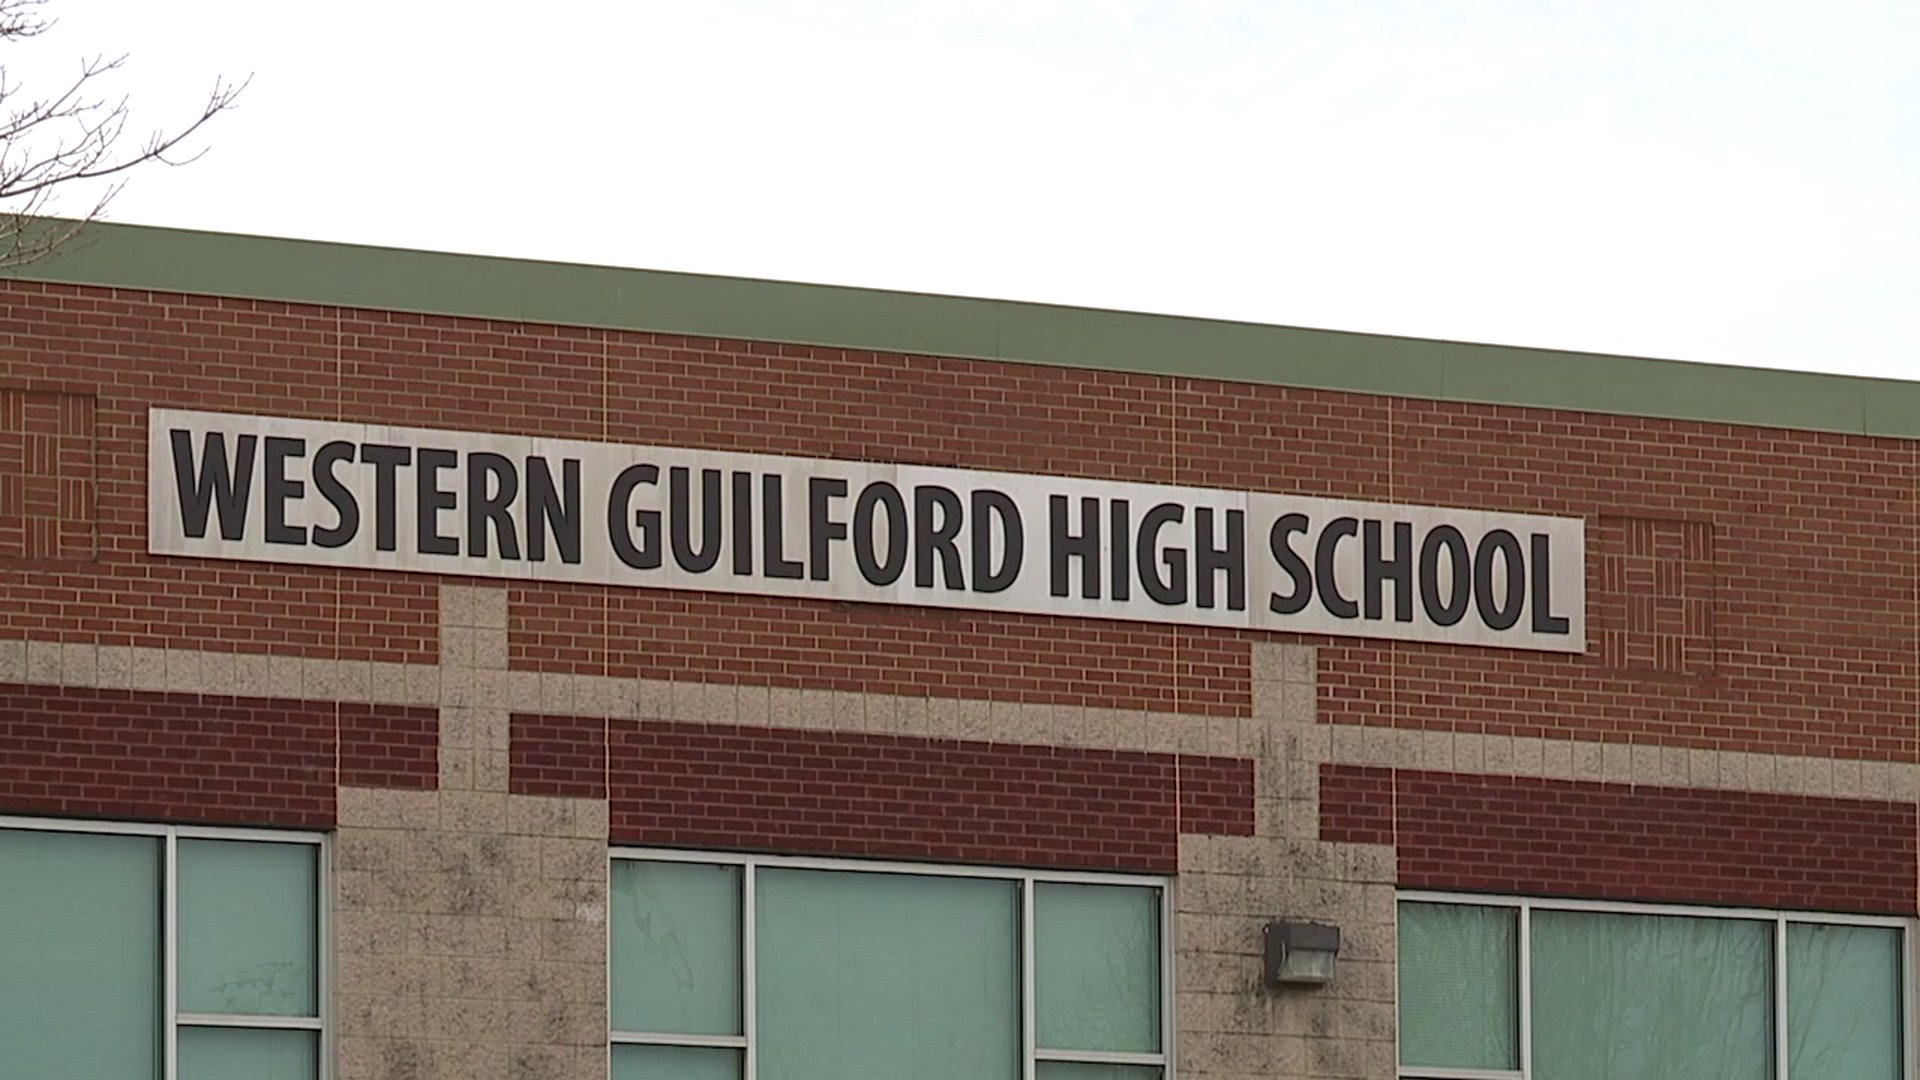 Western Guilford High School